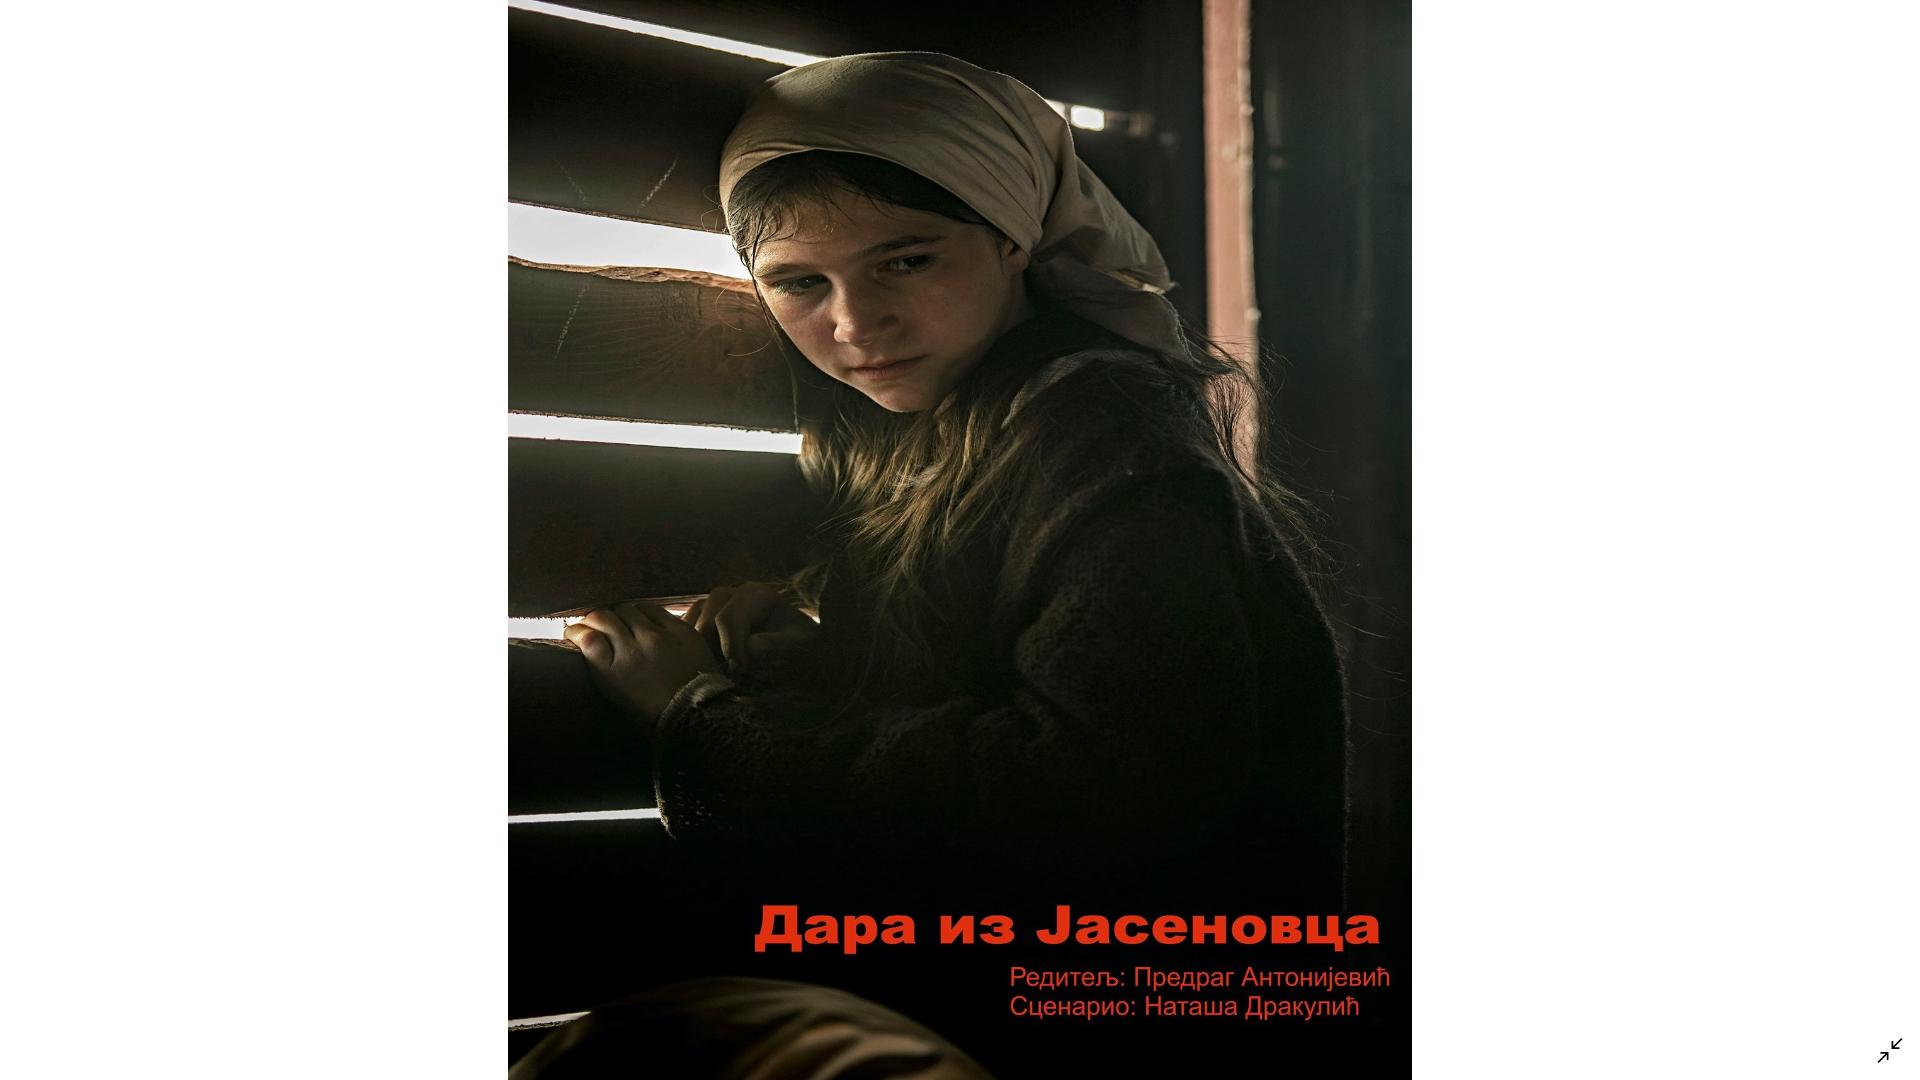 projekcije-filma-dara-iz-jasenovca-od-25-novembra-do-2-decembra-u-gracanici